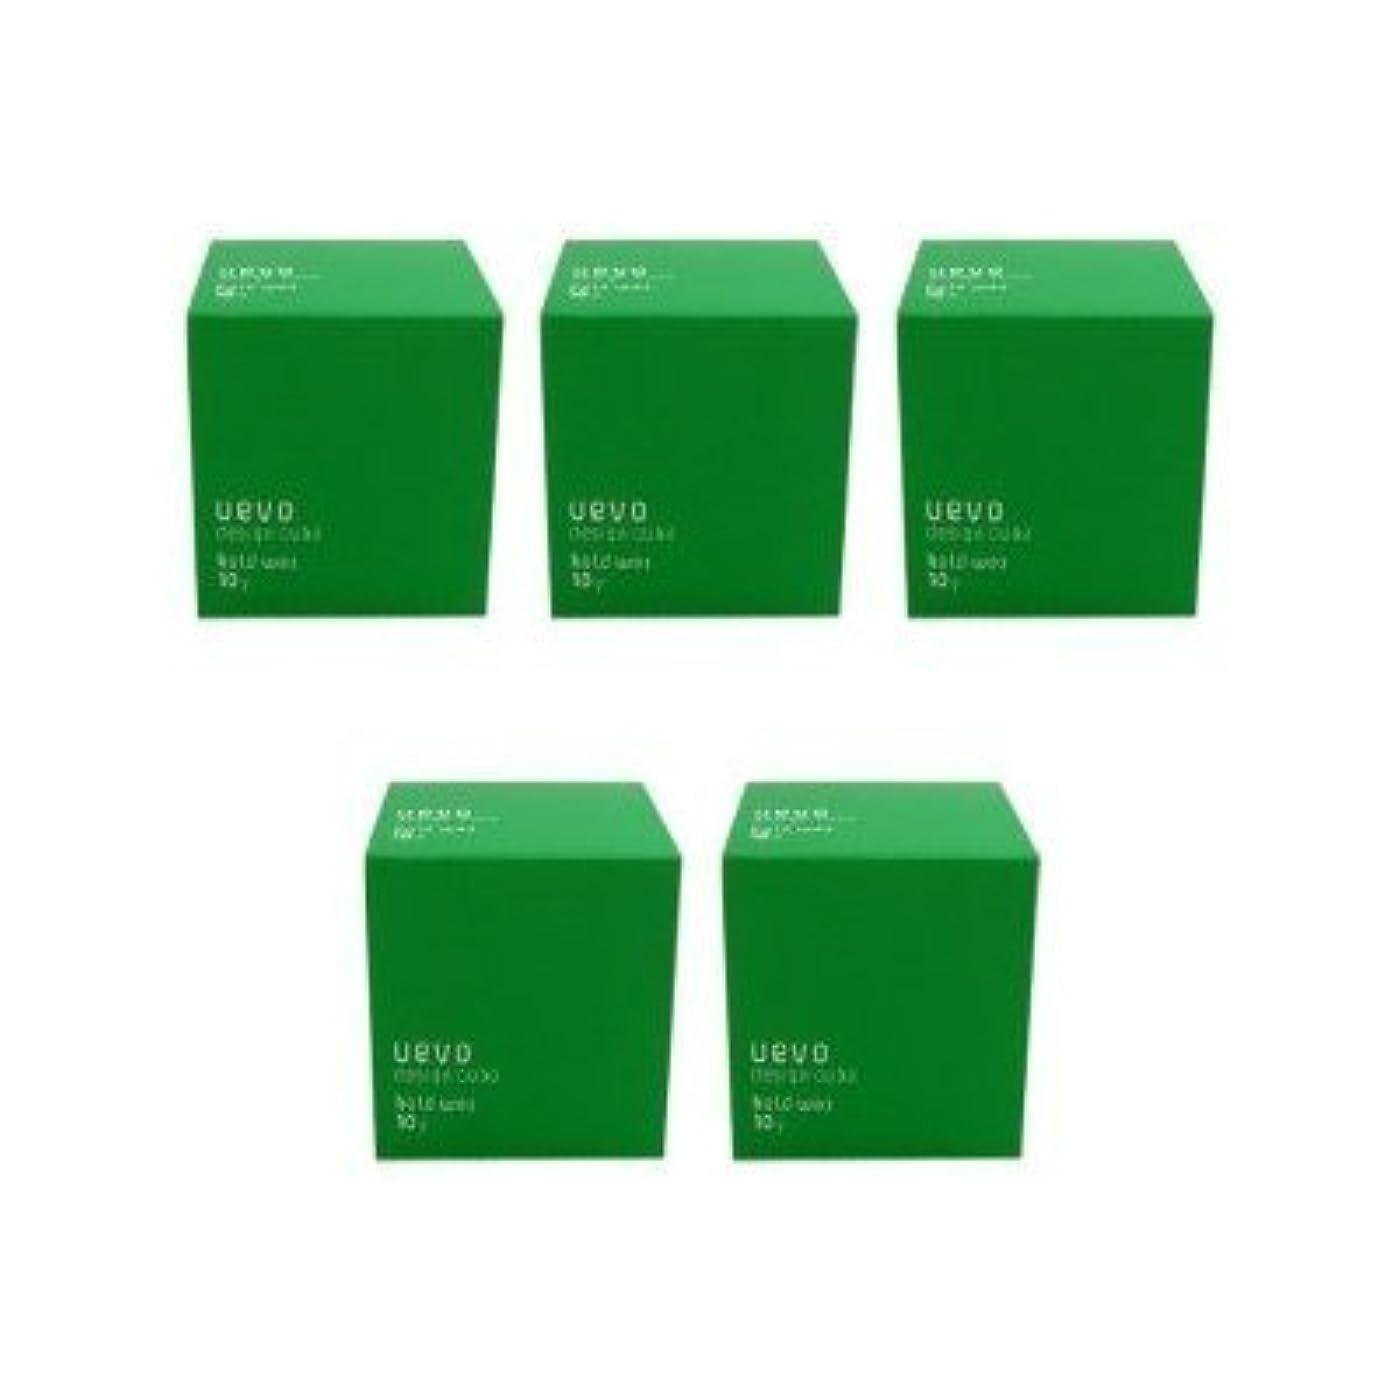 ジャーナリストのり僕の【X5個セット】 デミ ウェーボ デザインキューブ ホールドワックス 80g hold wax DEMI uevo design cube